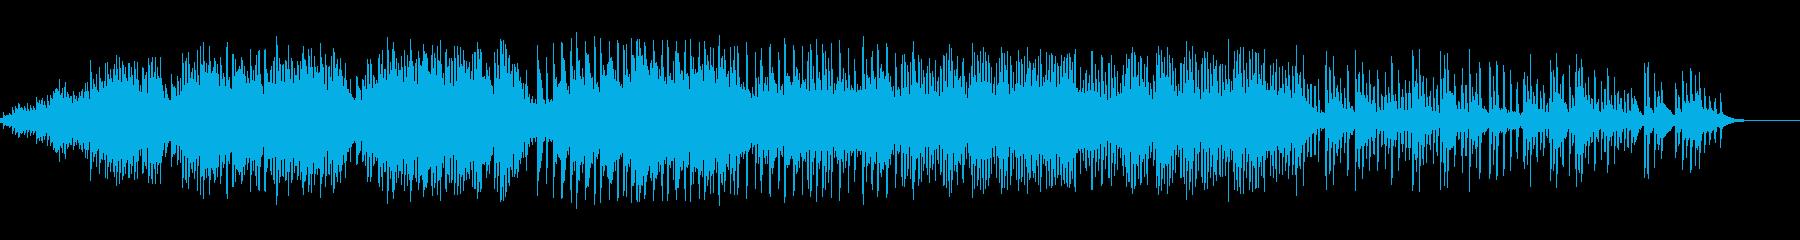 ノスタルジックなピアノソロの再生済みの波形